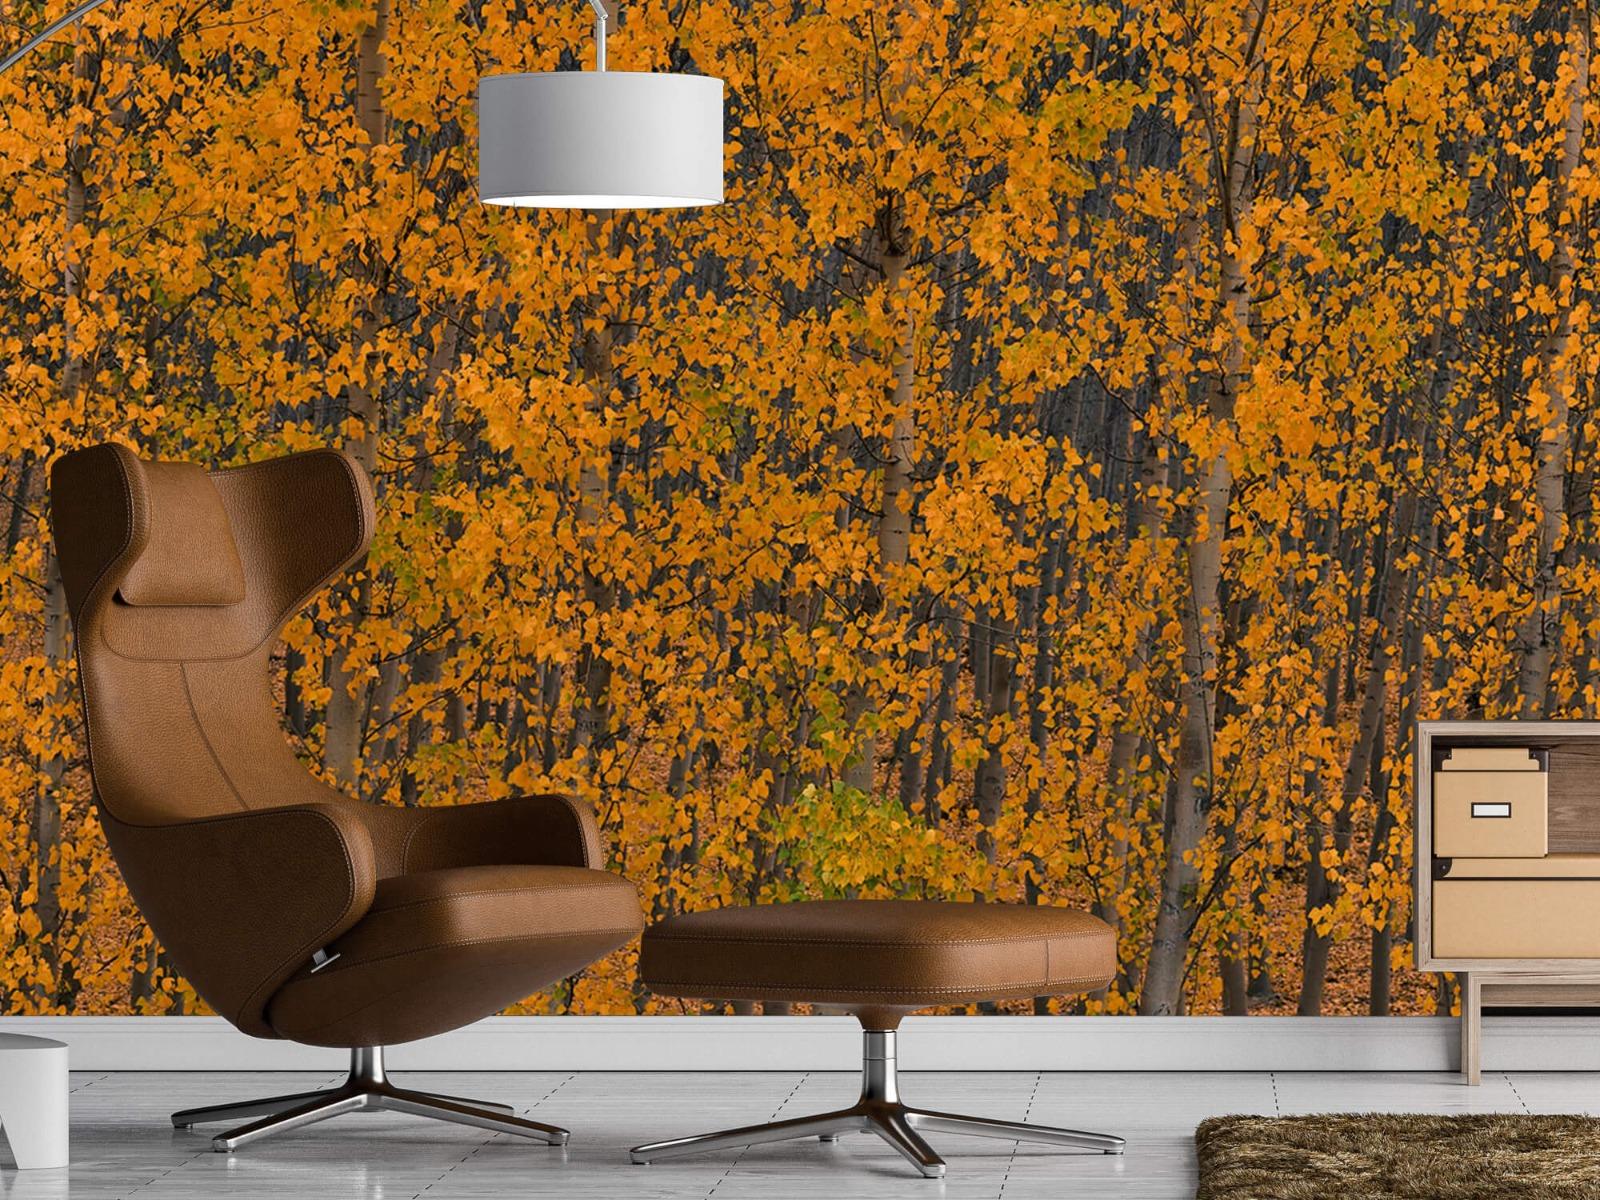 Herfst - Populieren bos - Slaapkamer 19